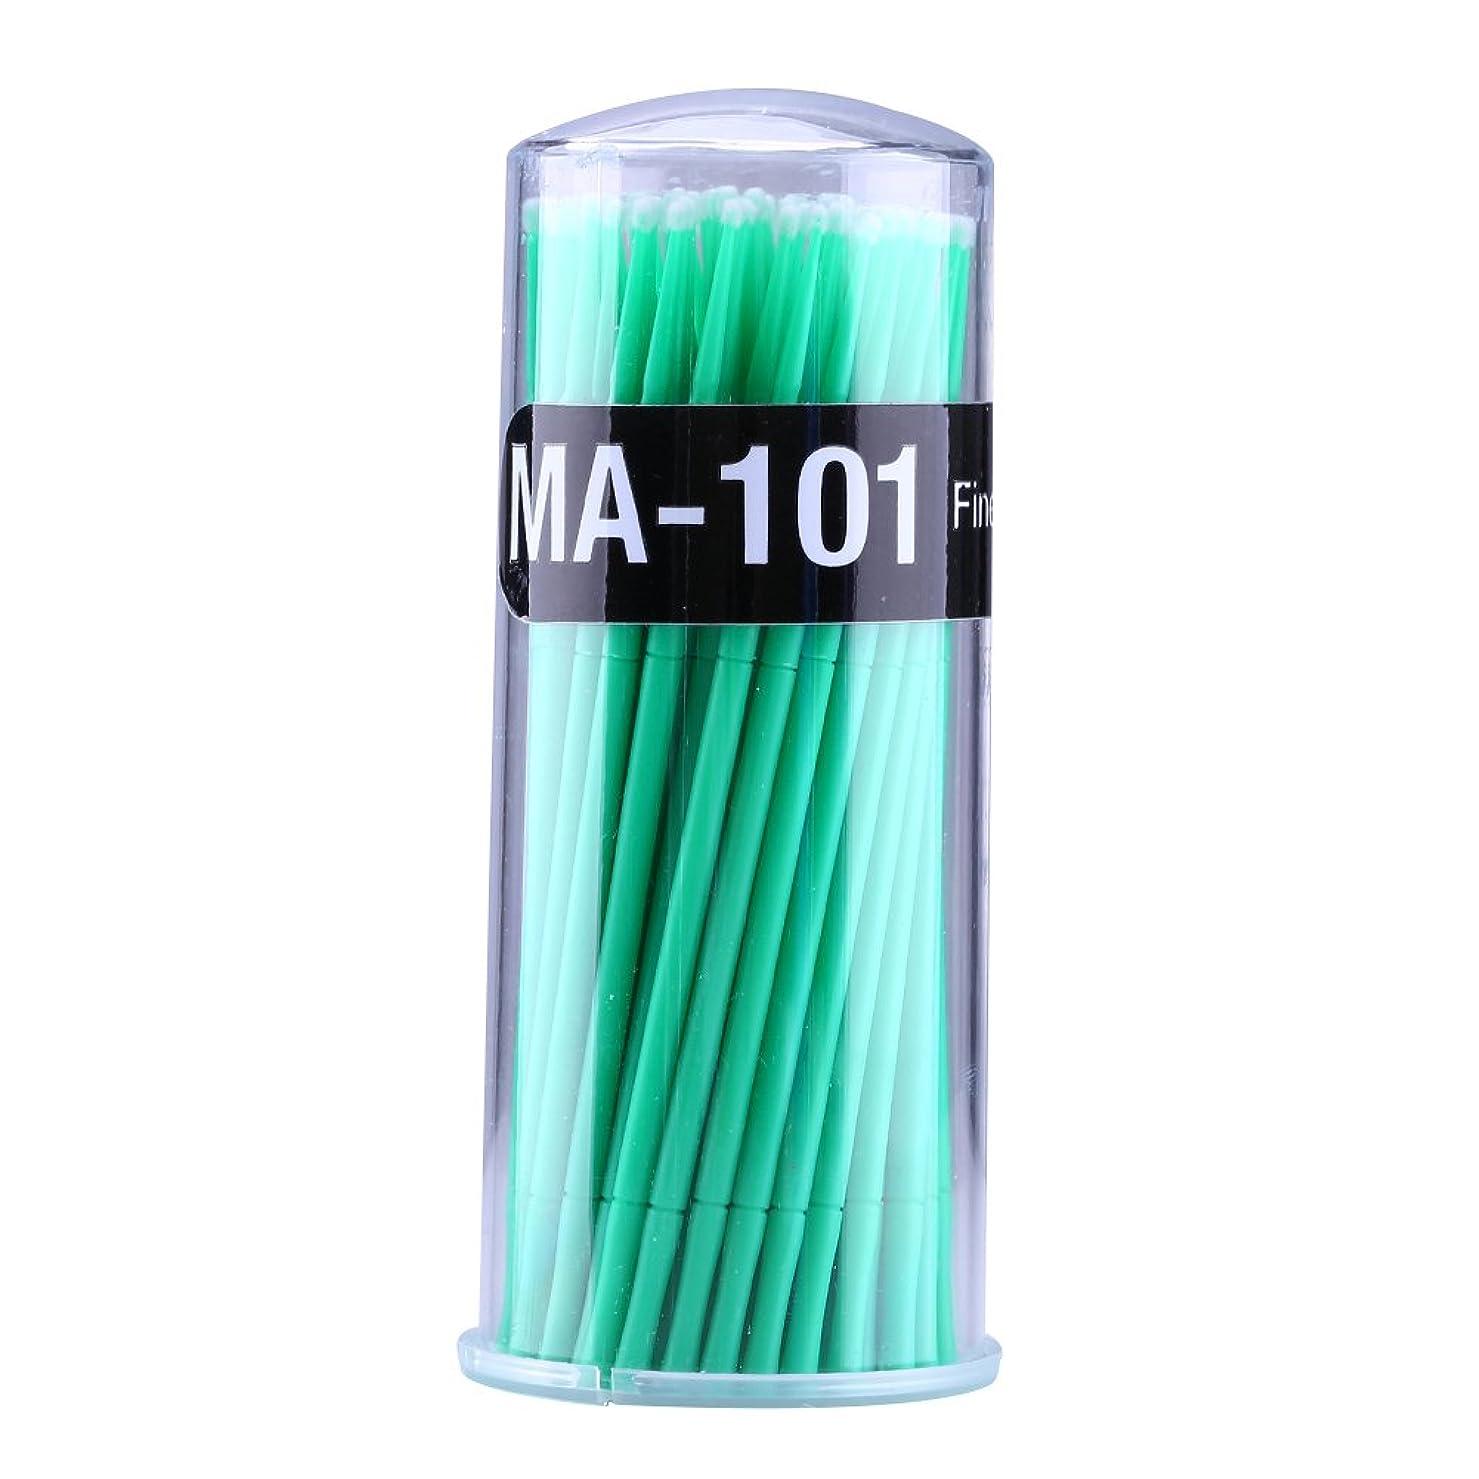 ジェット影規制マイクロブラシ - Delaman つ毛ブラシ、まつげ、使い捨て、睫用、先端曲げ、アプリケータエクステンション メイクブラシ、100個入り (色 : 緑)